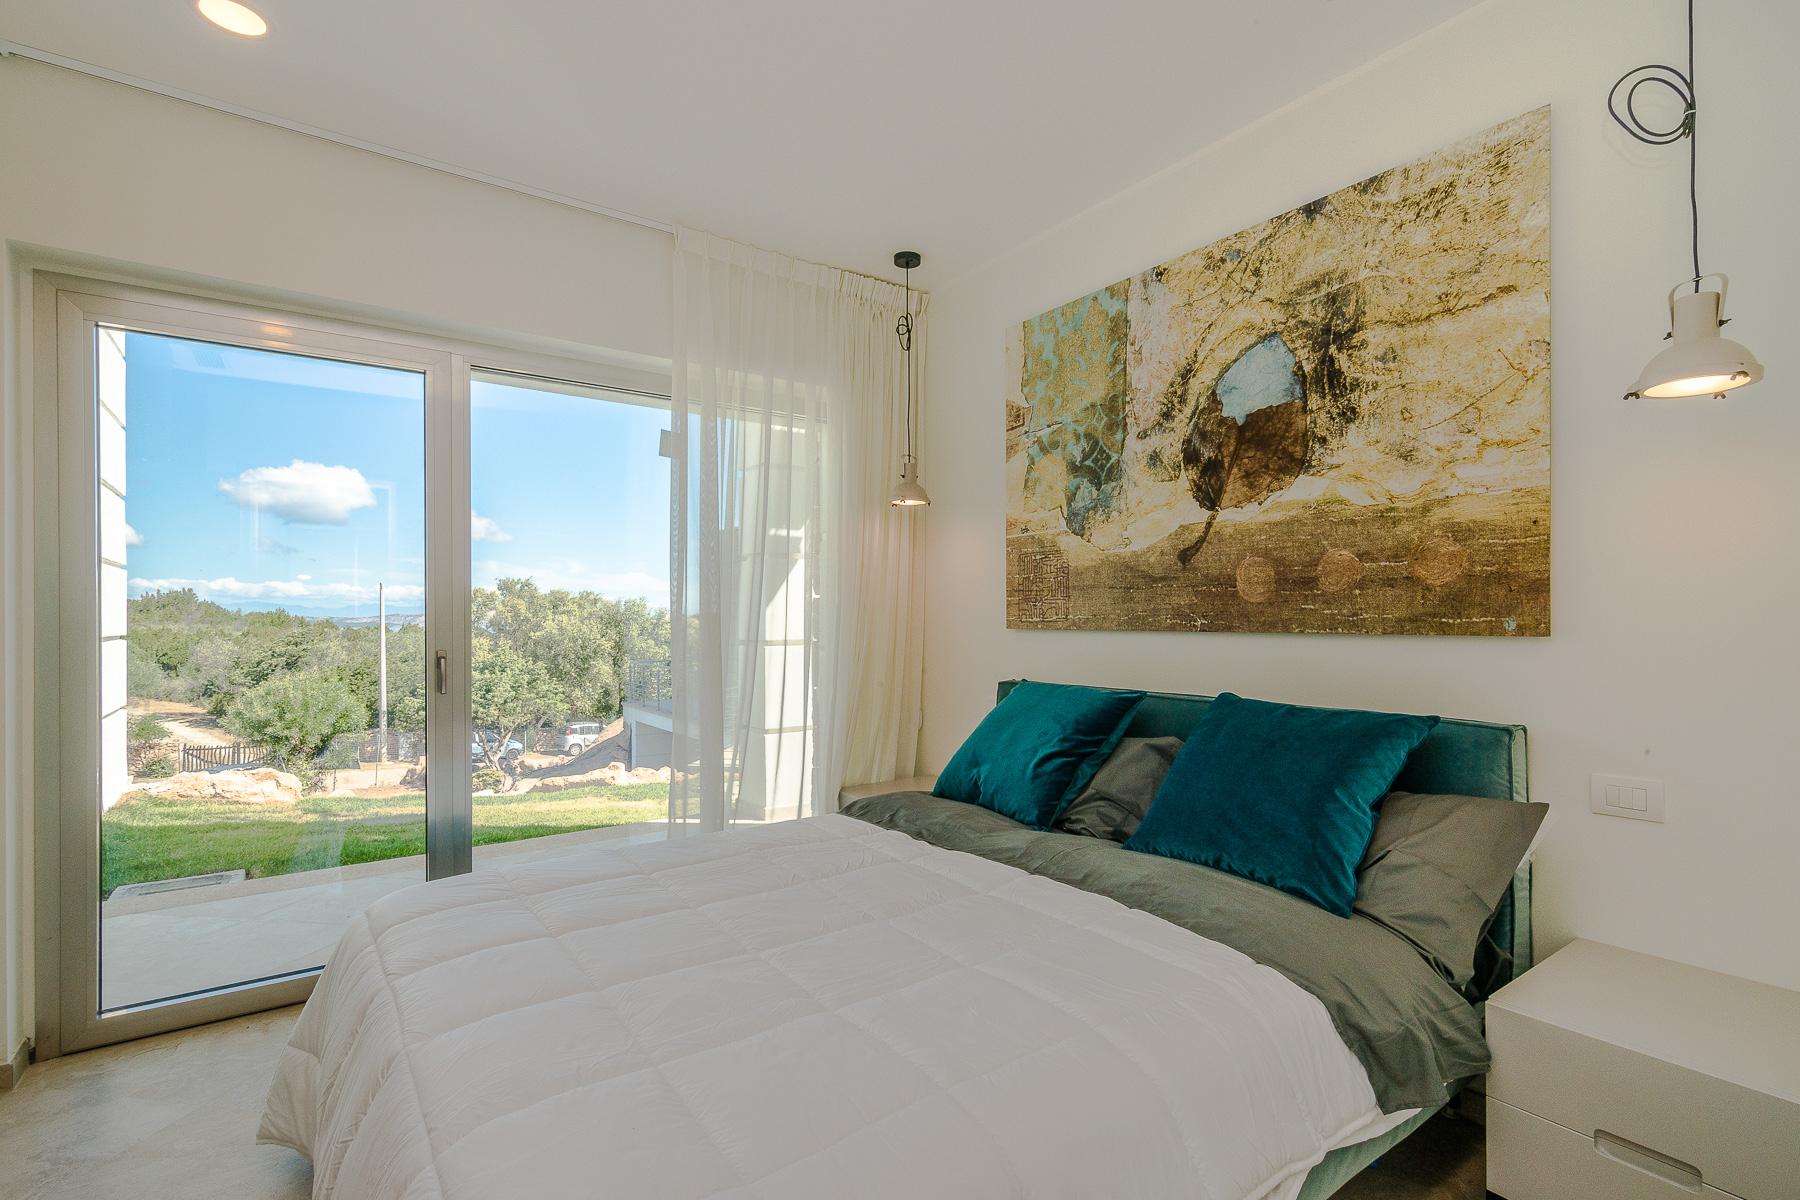 Villa in Vendita a Arzachena: 5 locali, 316 mq - Foto 4